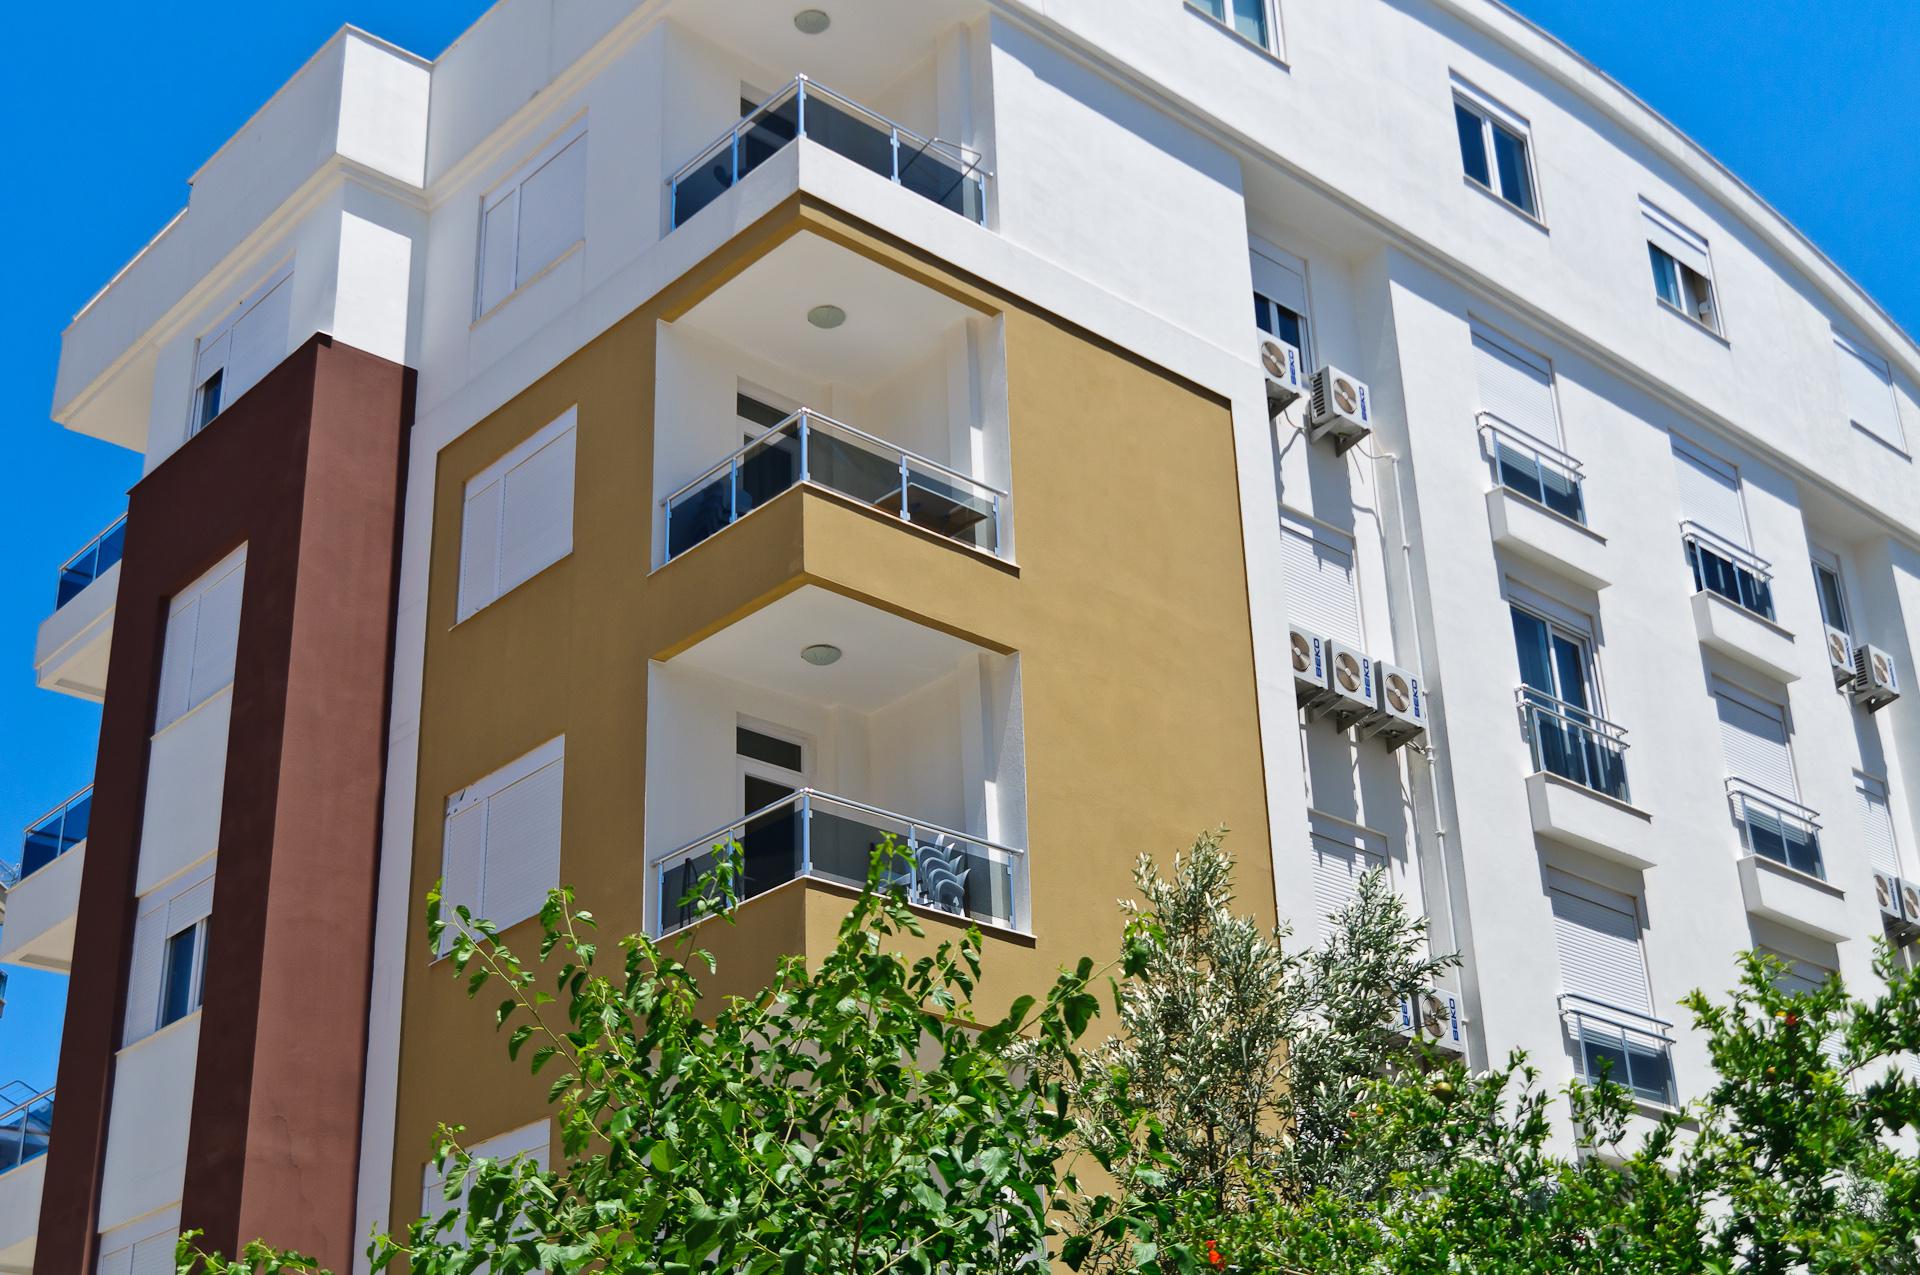 Look-O-More Residence (Анталья, Коньяалты) — цены на ВСЕ квартиры снижены на 40%!